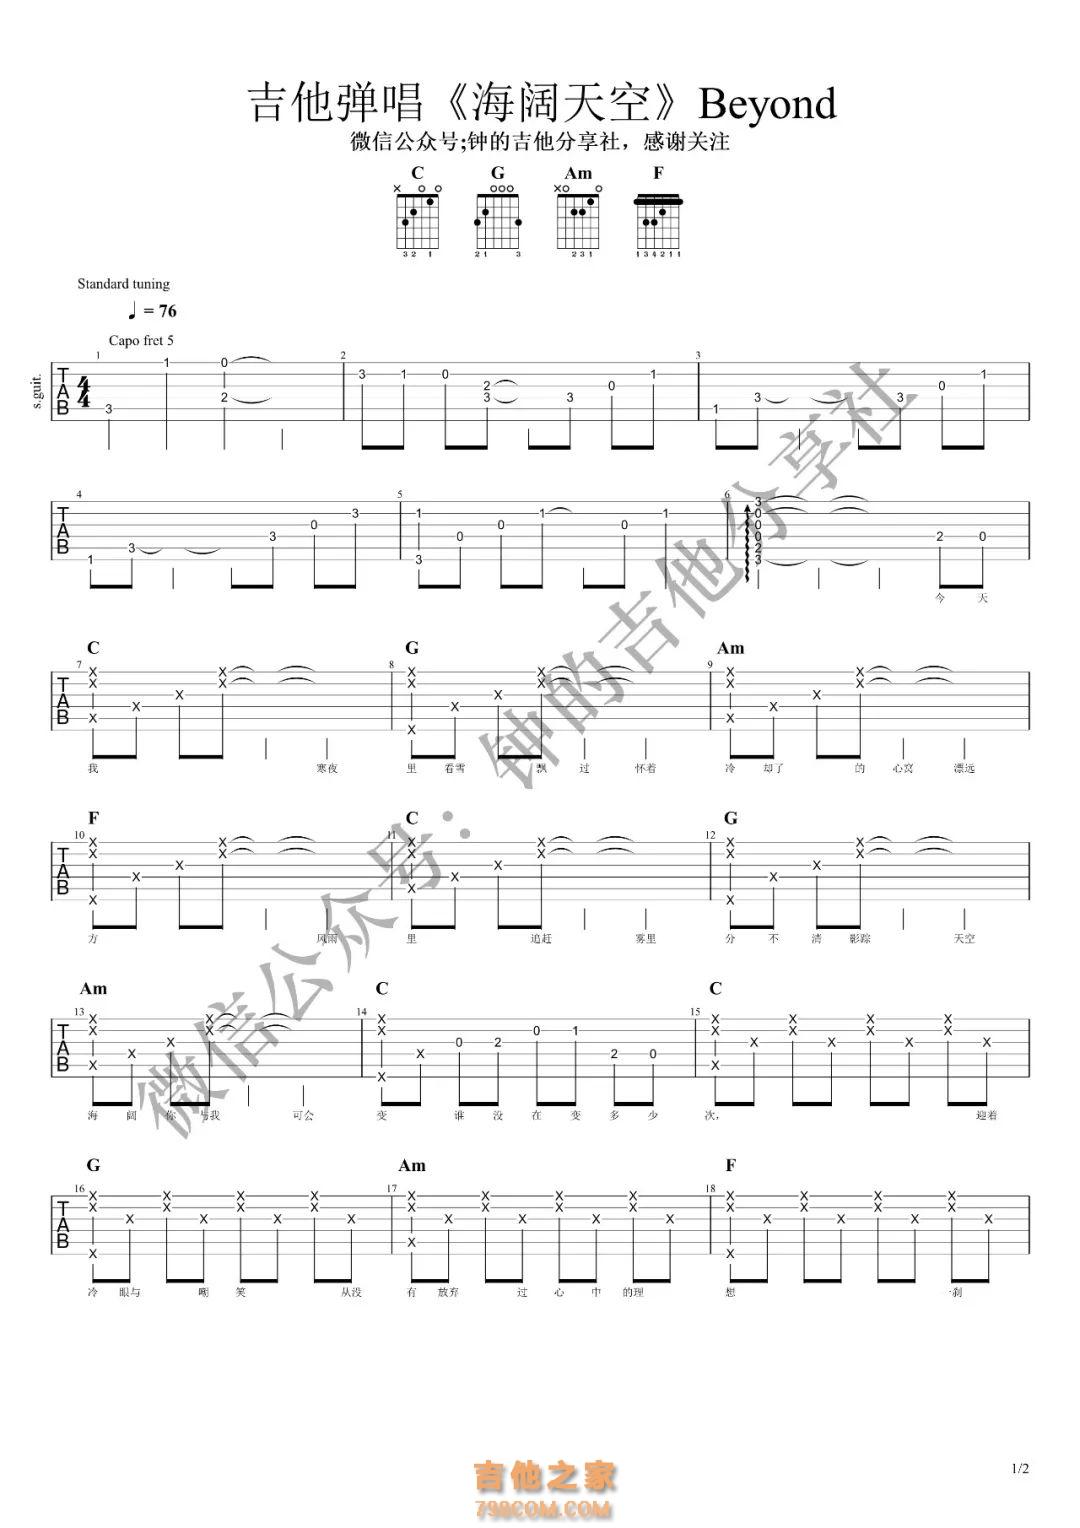 海阔天空文本吉他谱_Beyond 海阔天空吉他谱 钟的吉他 - 吉他谱 - 吉他之家